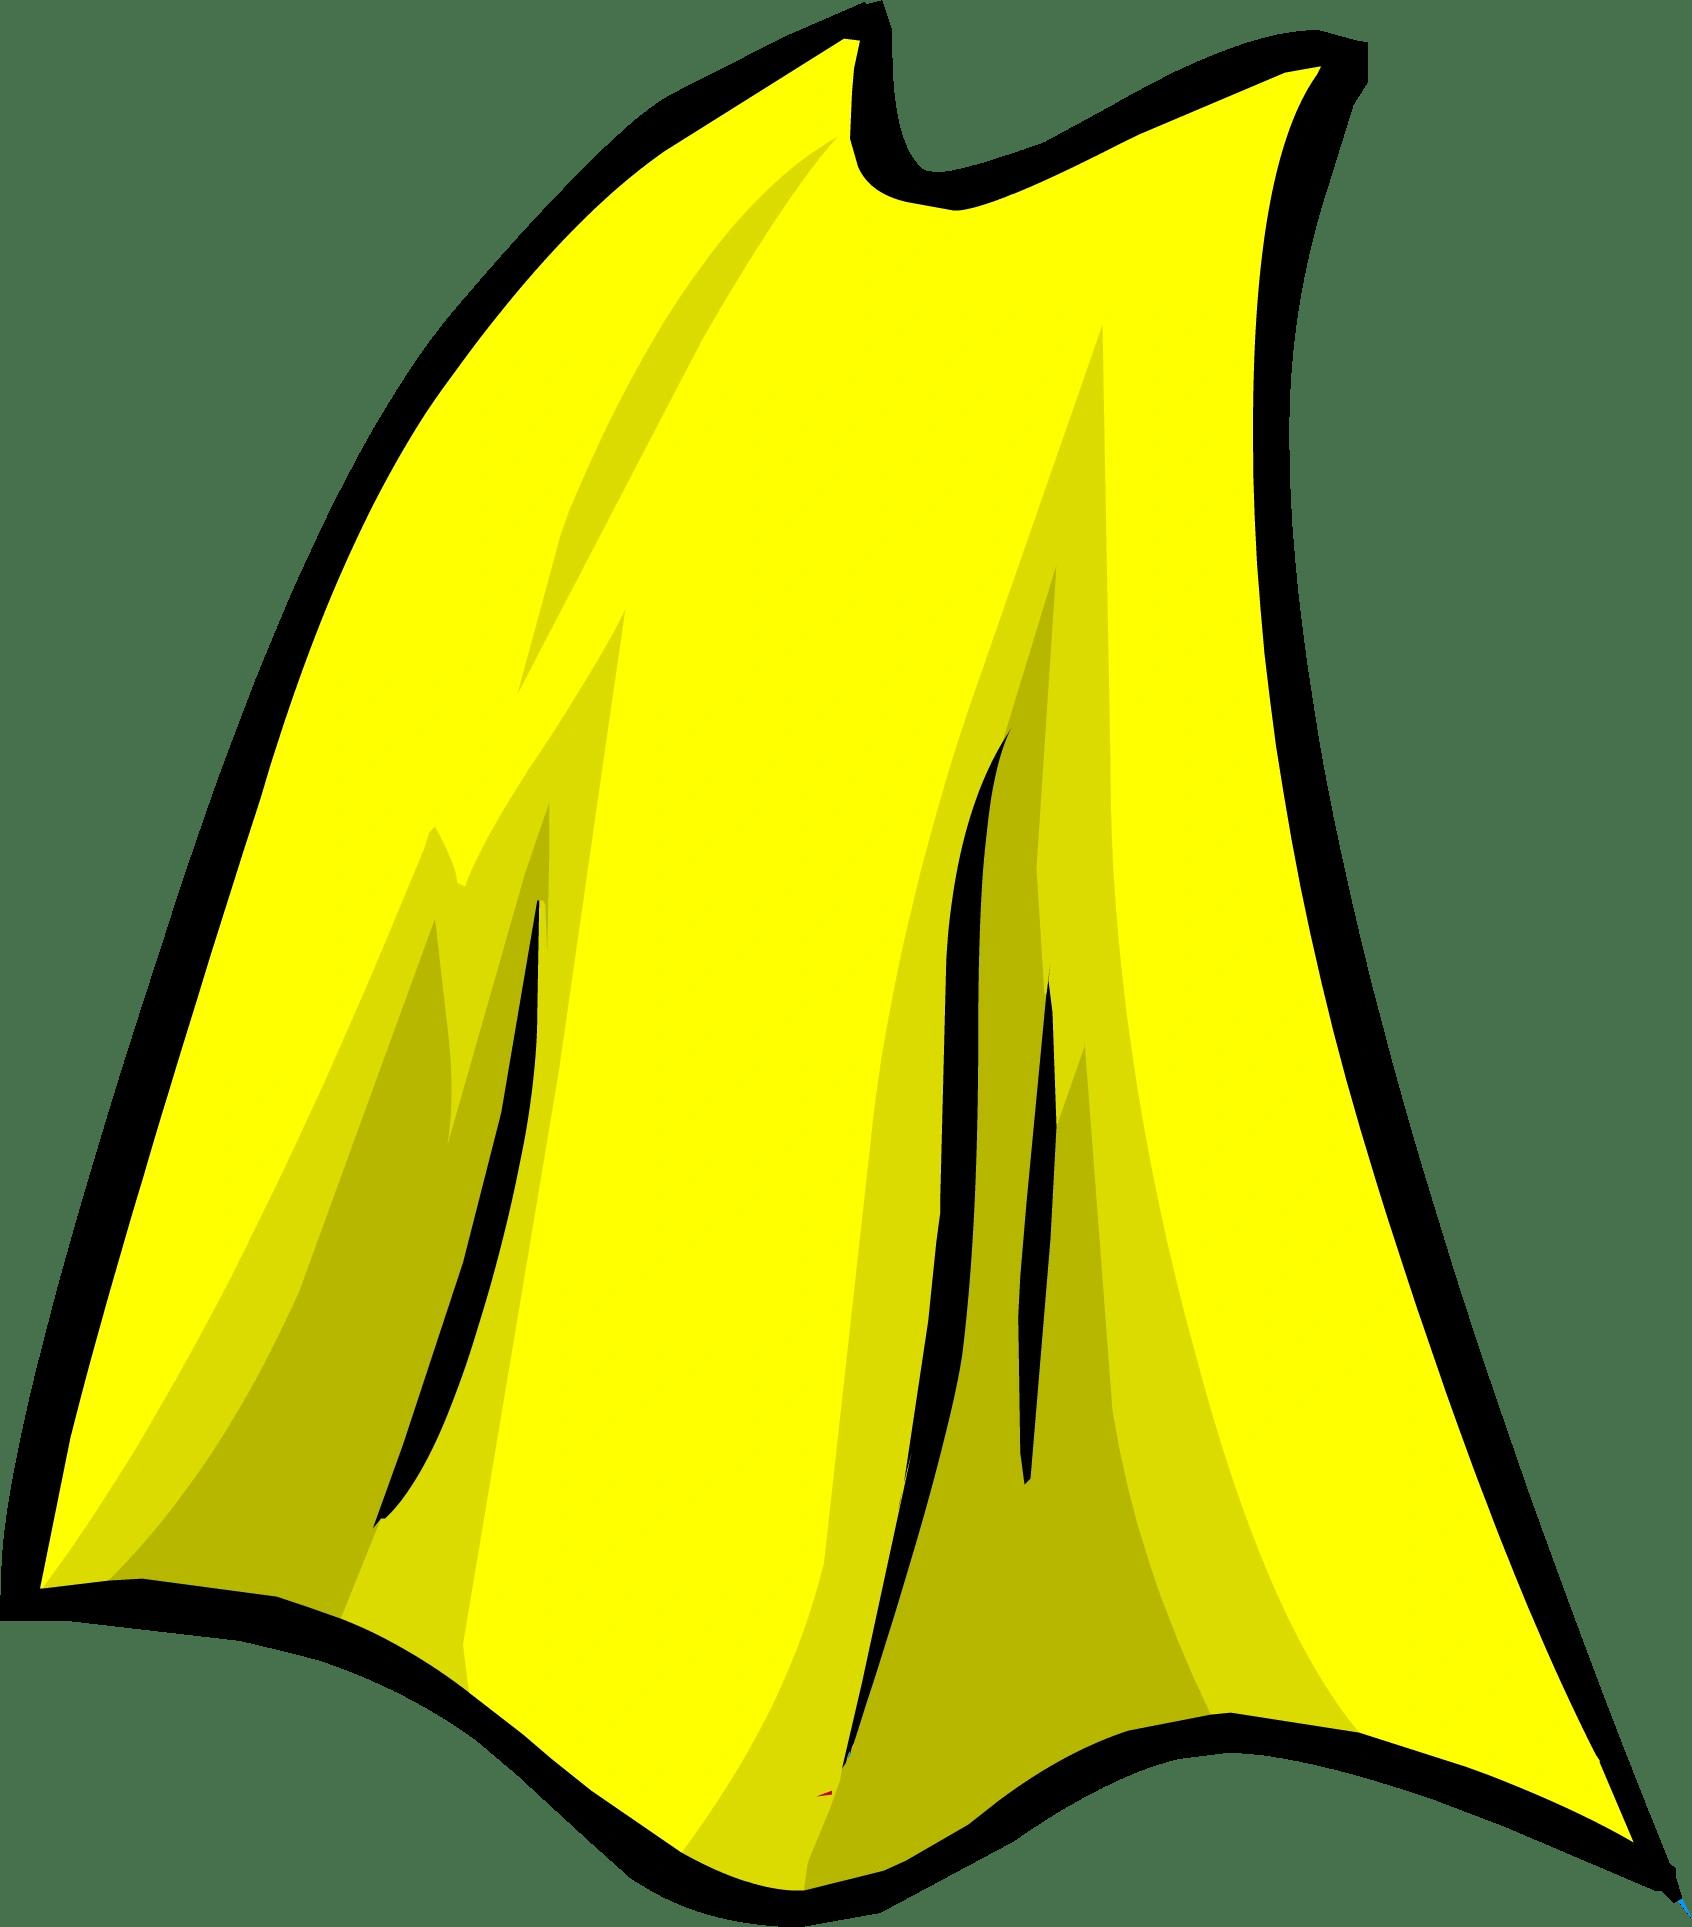 Yellow Cape Club Penguin Wiki Fandom powered by Wikia